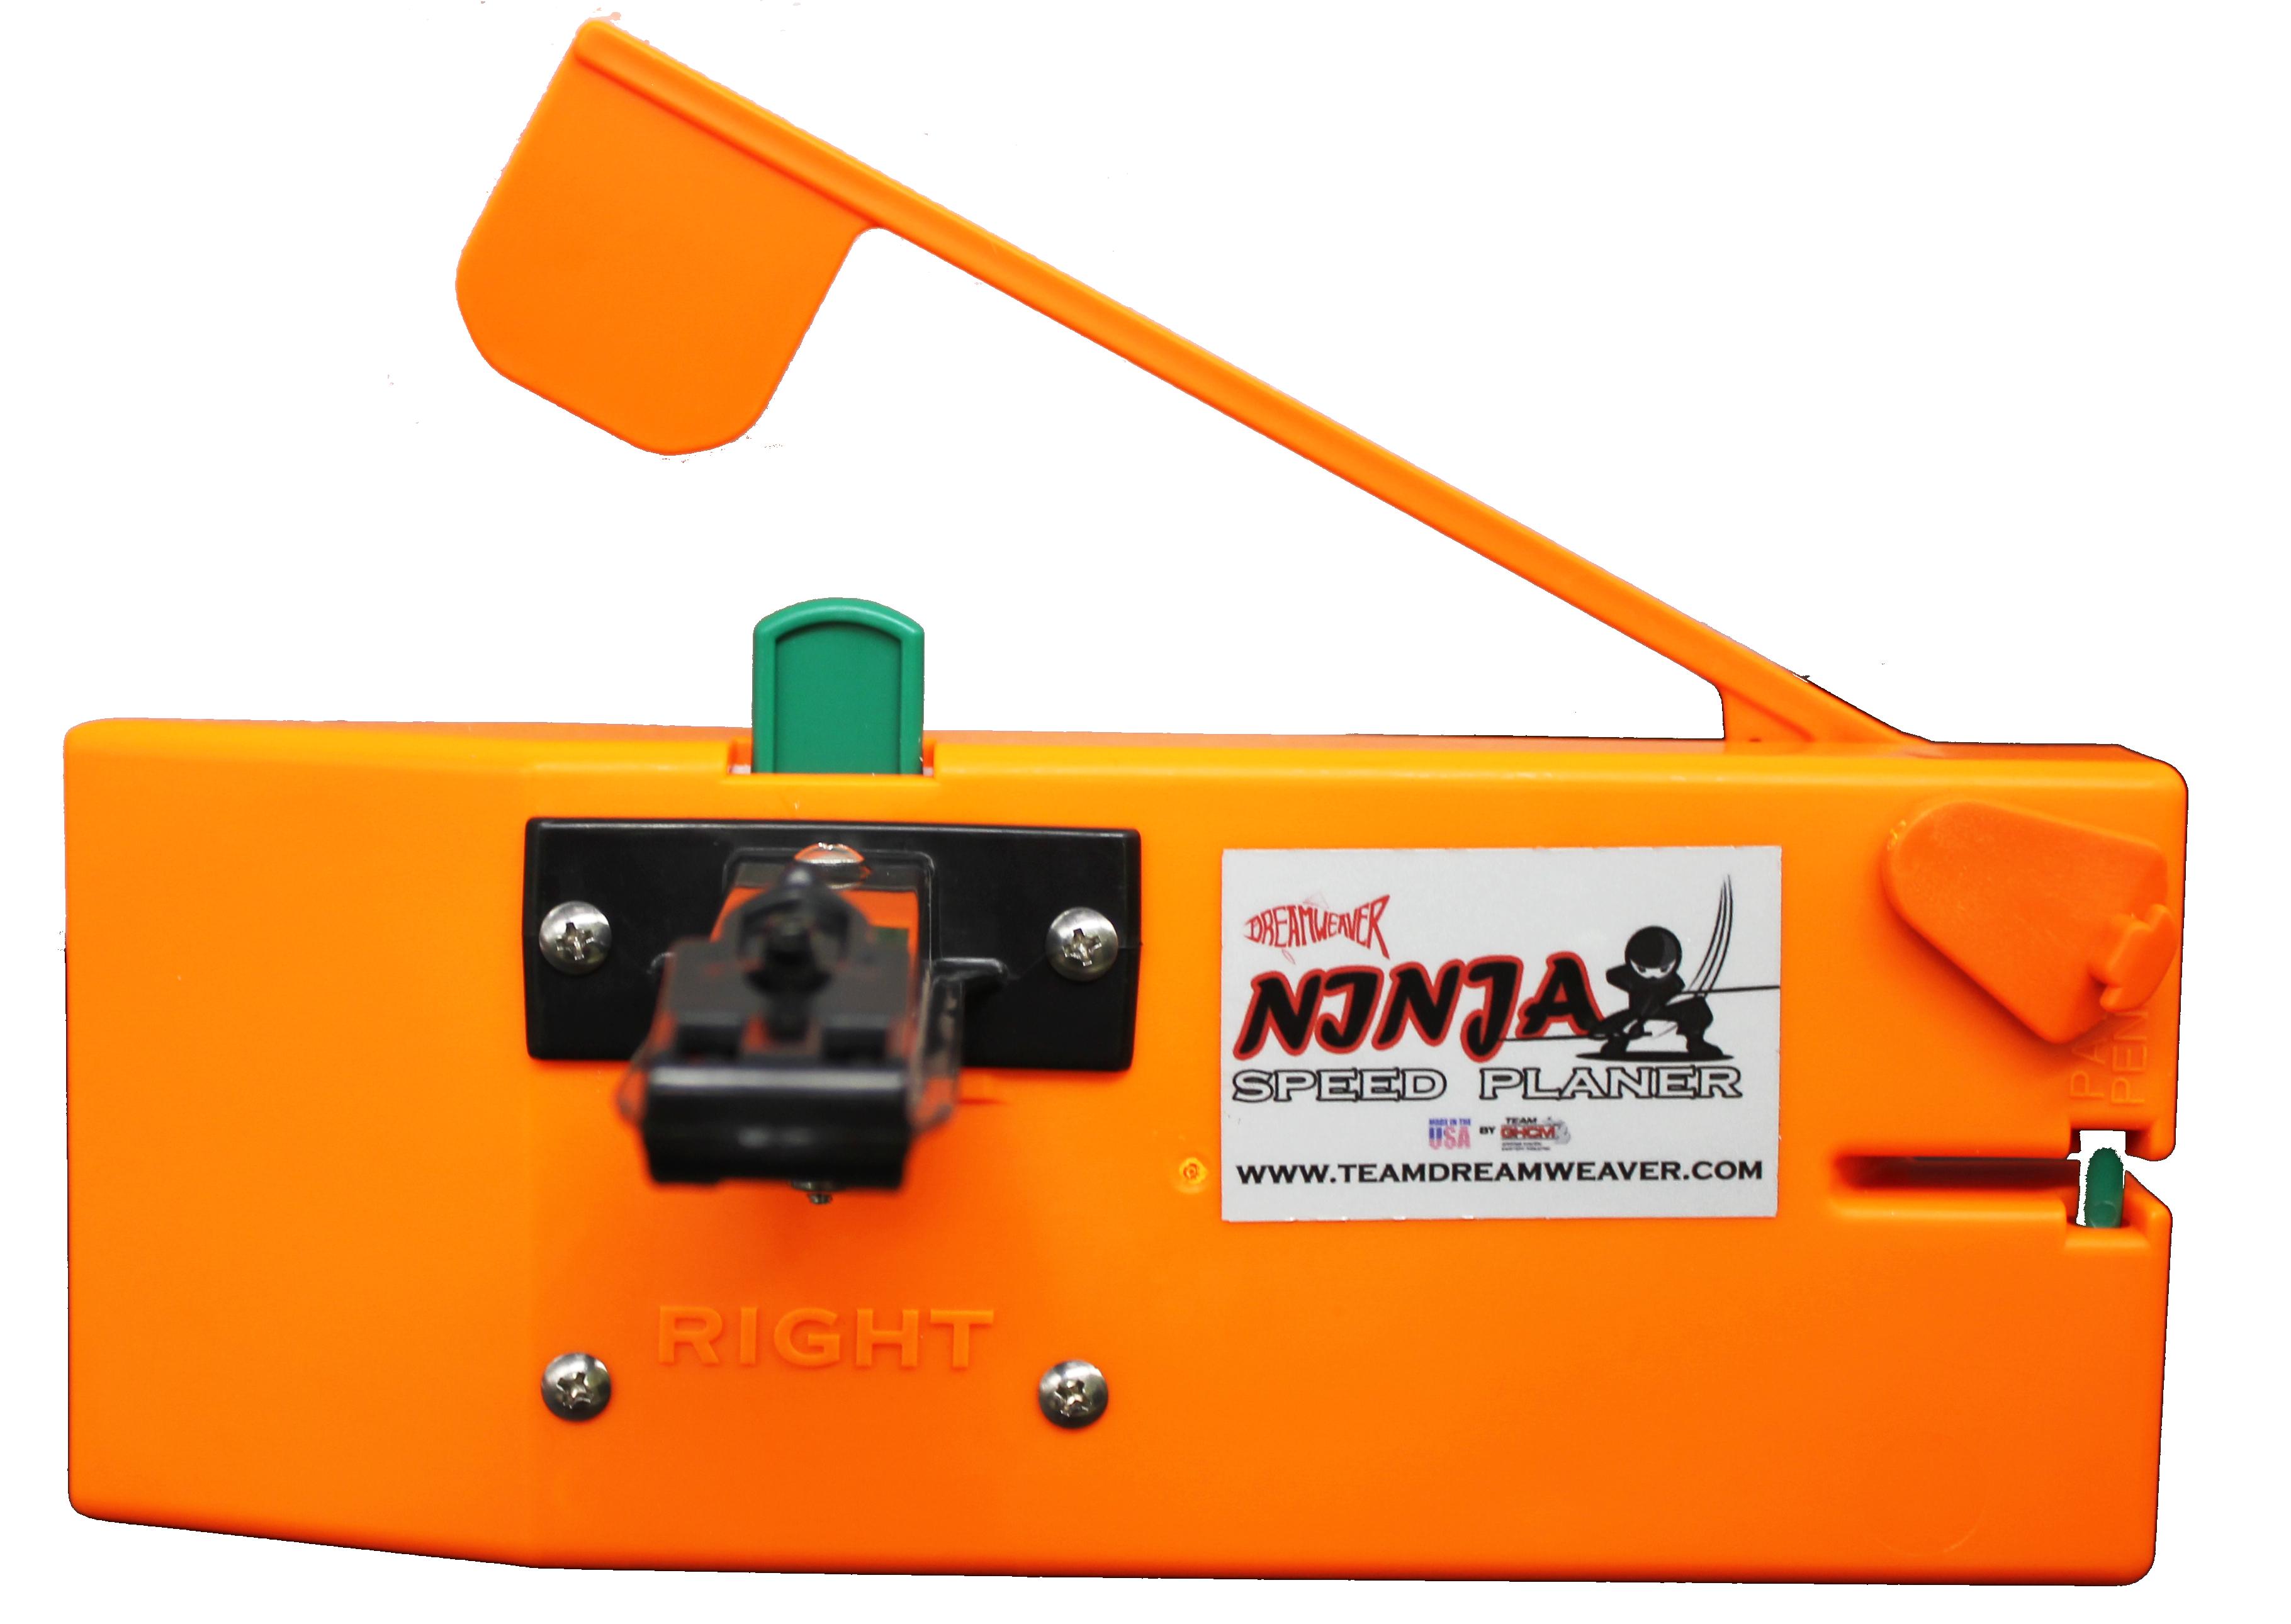 Ninja Side Planer 9.5in (Righ)FL